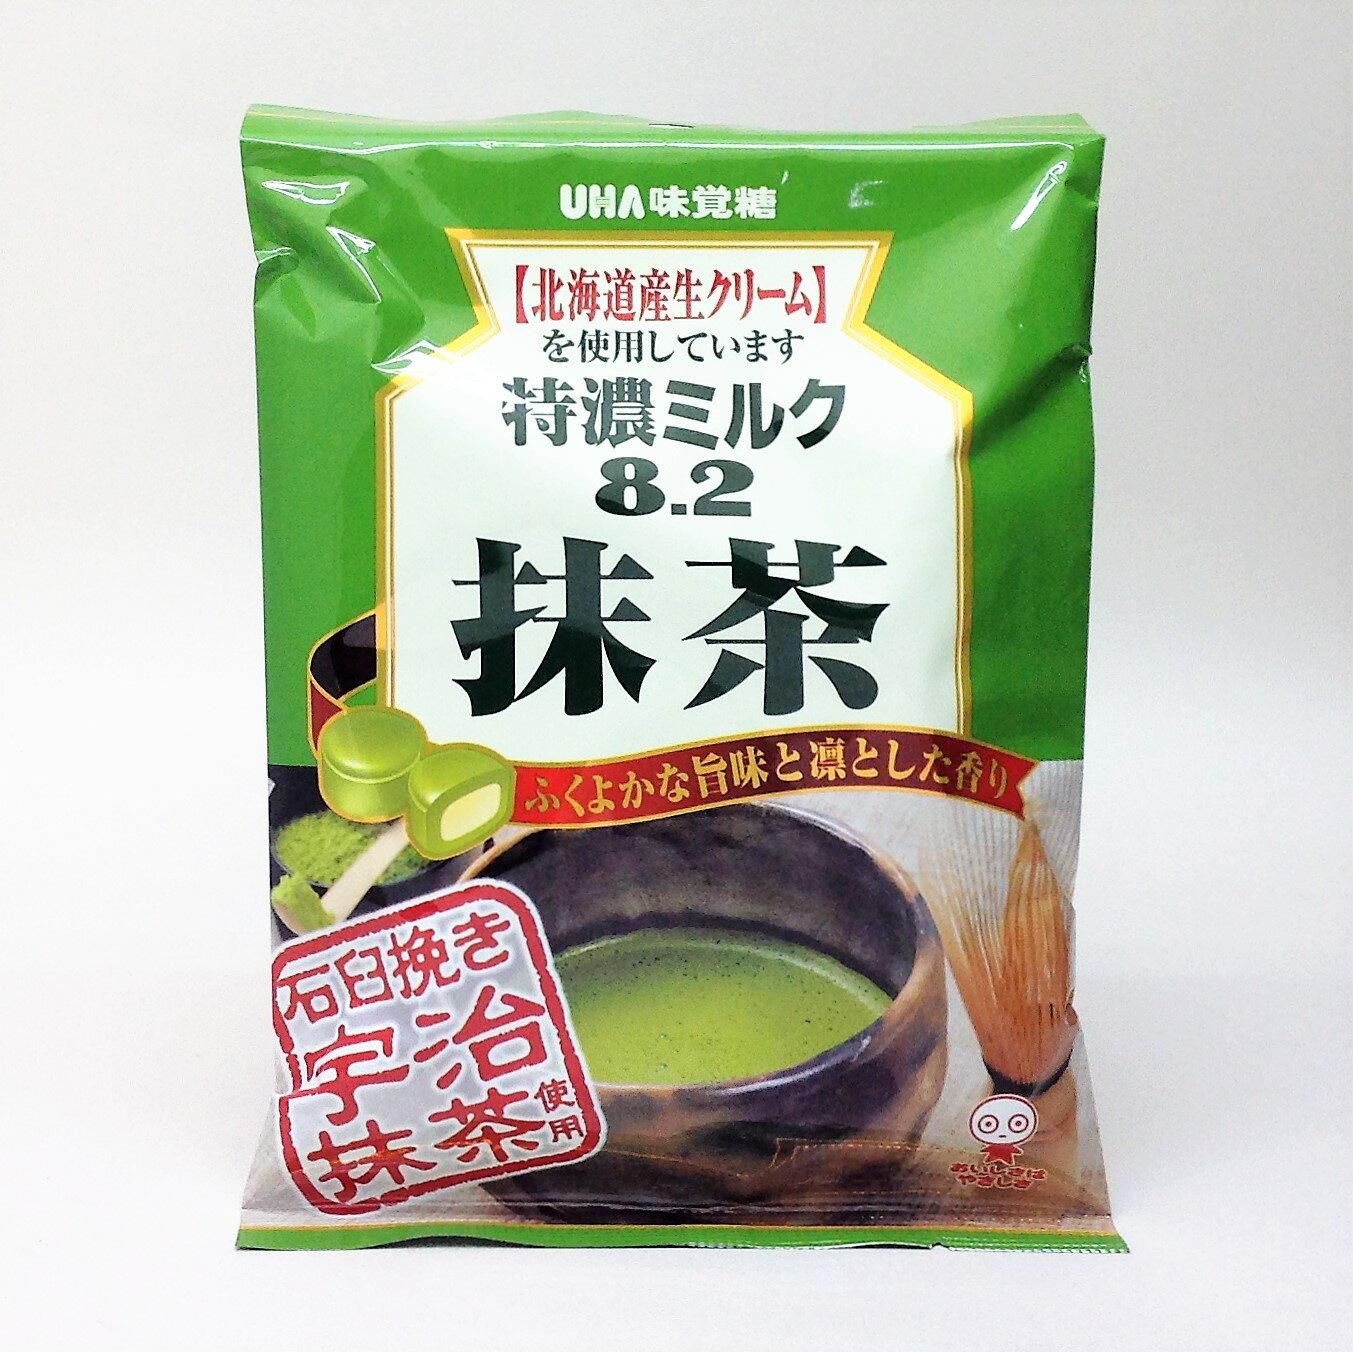 【橘町五丁目】UHA味覺糖特濃牛奶8.2抹茶糖